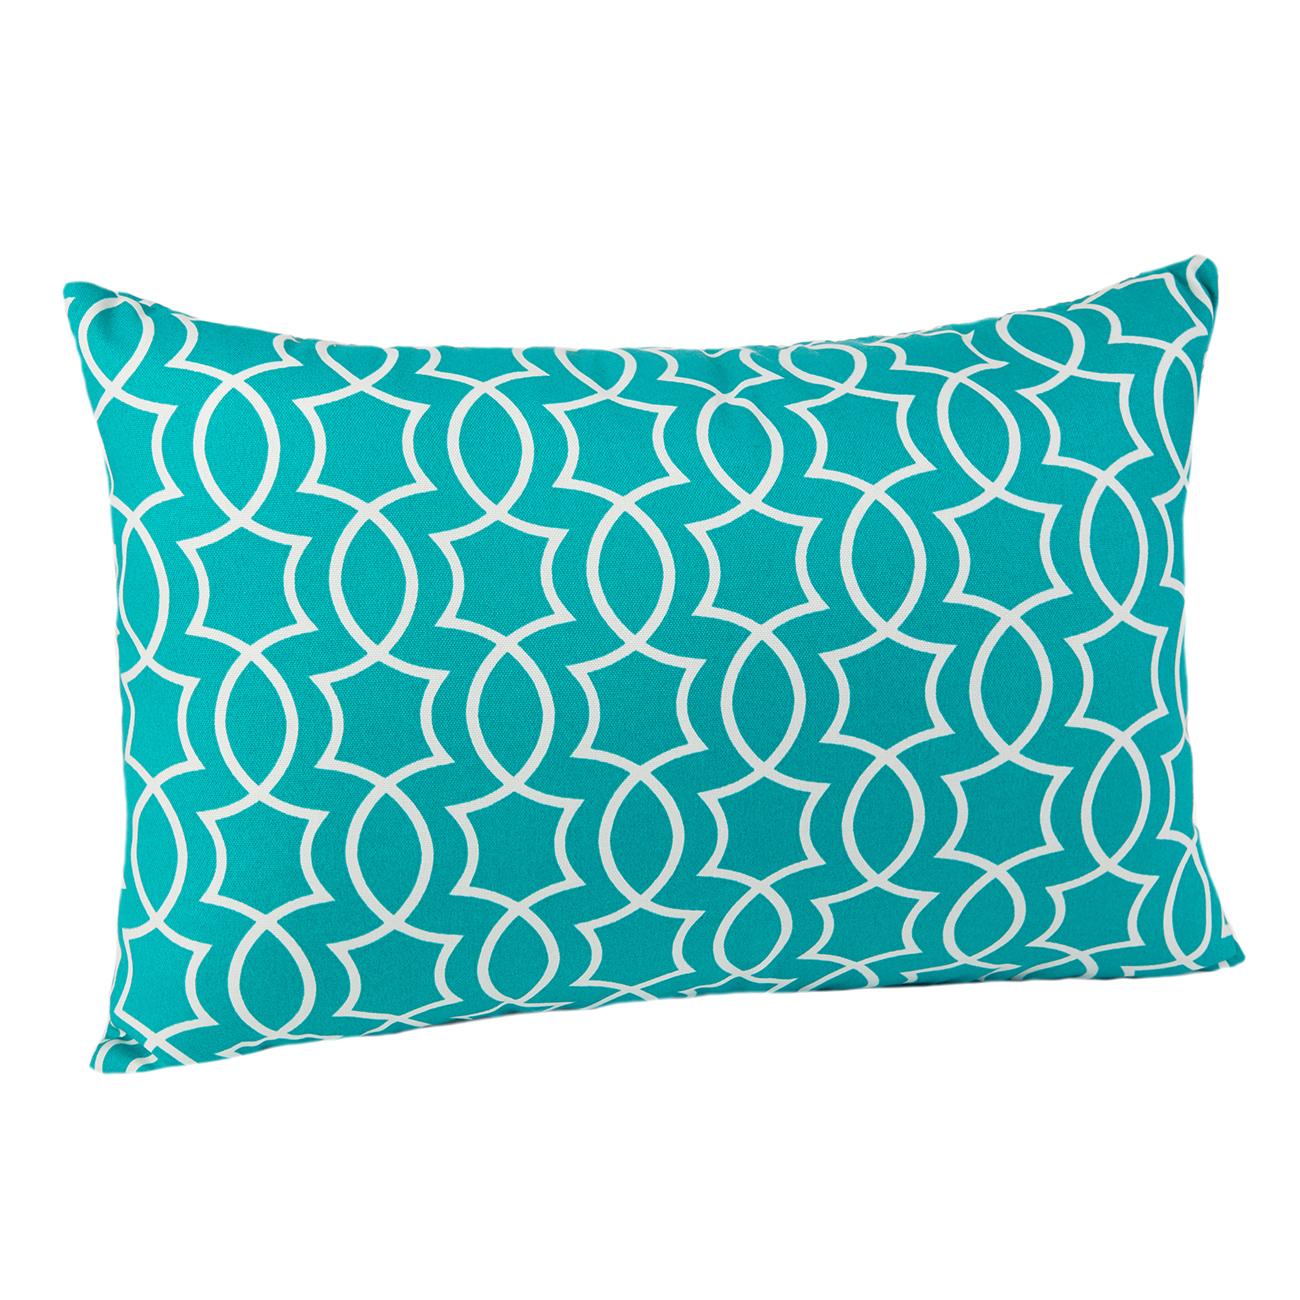 Titan Peacock Lumbar Pillow